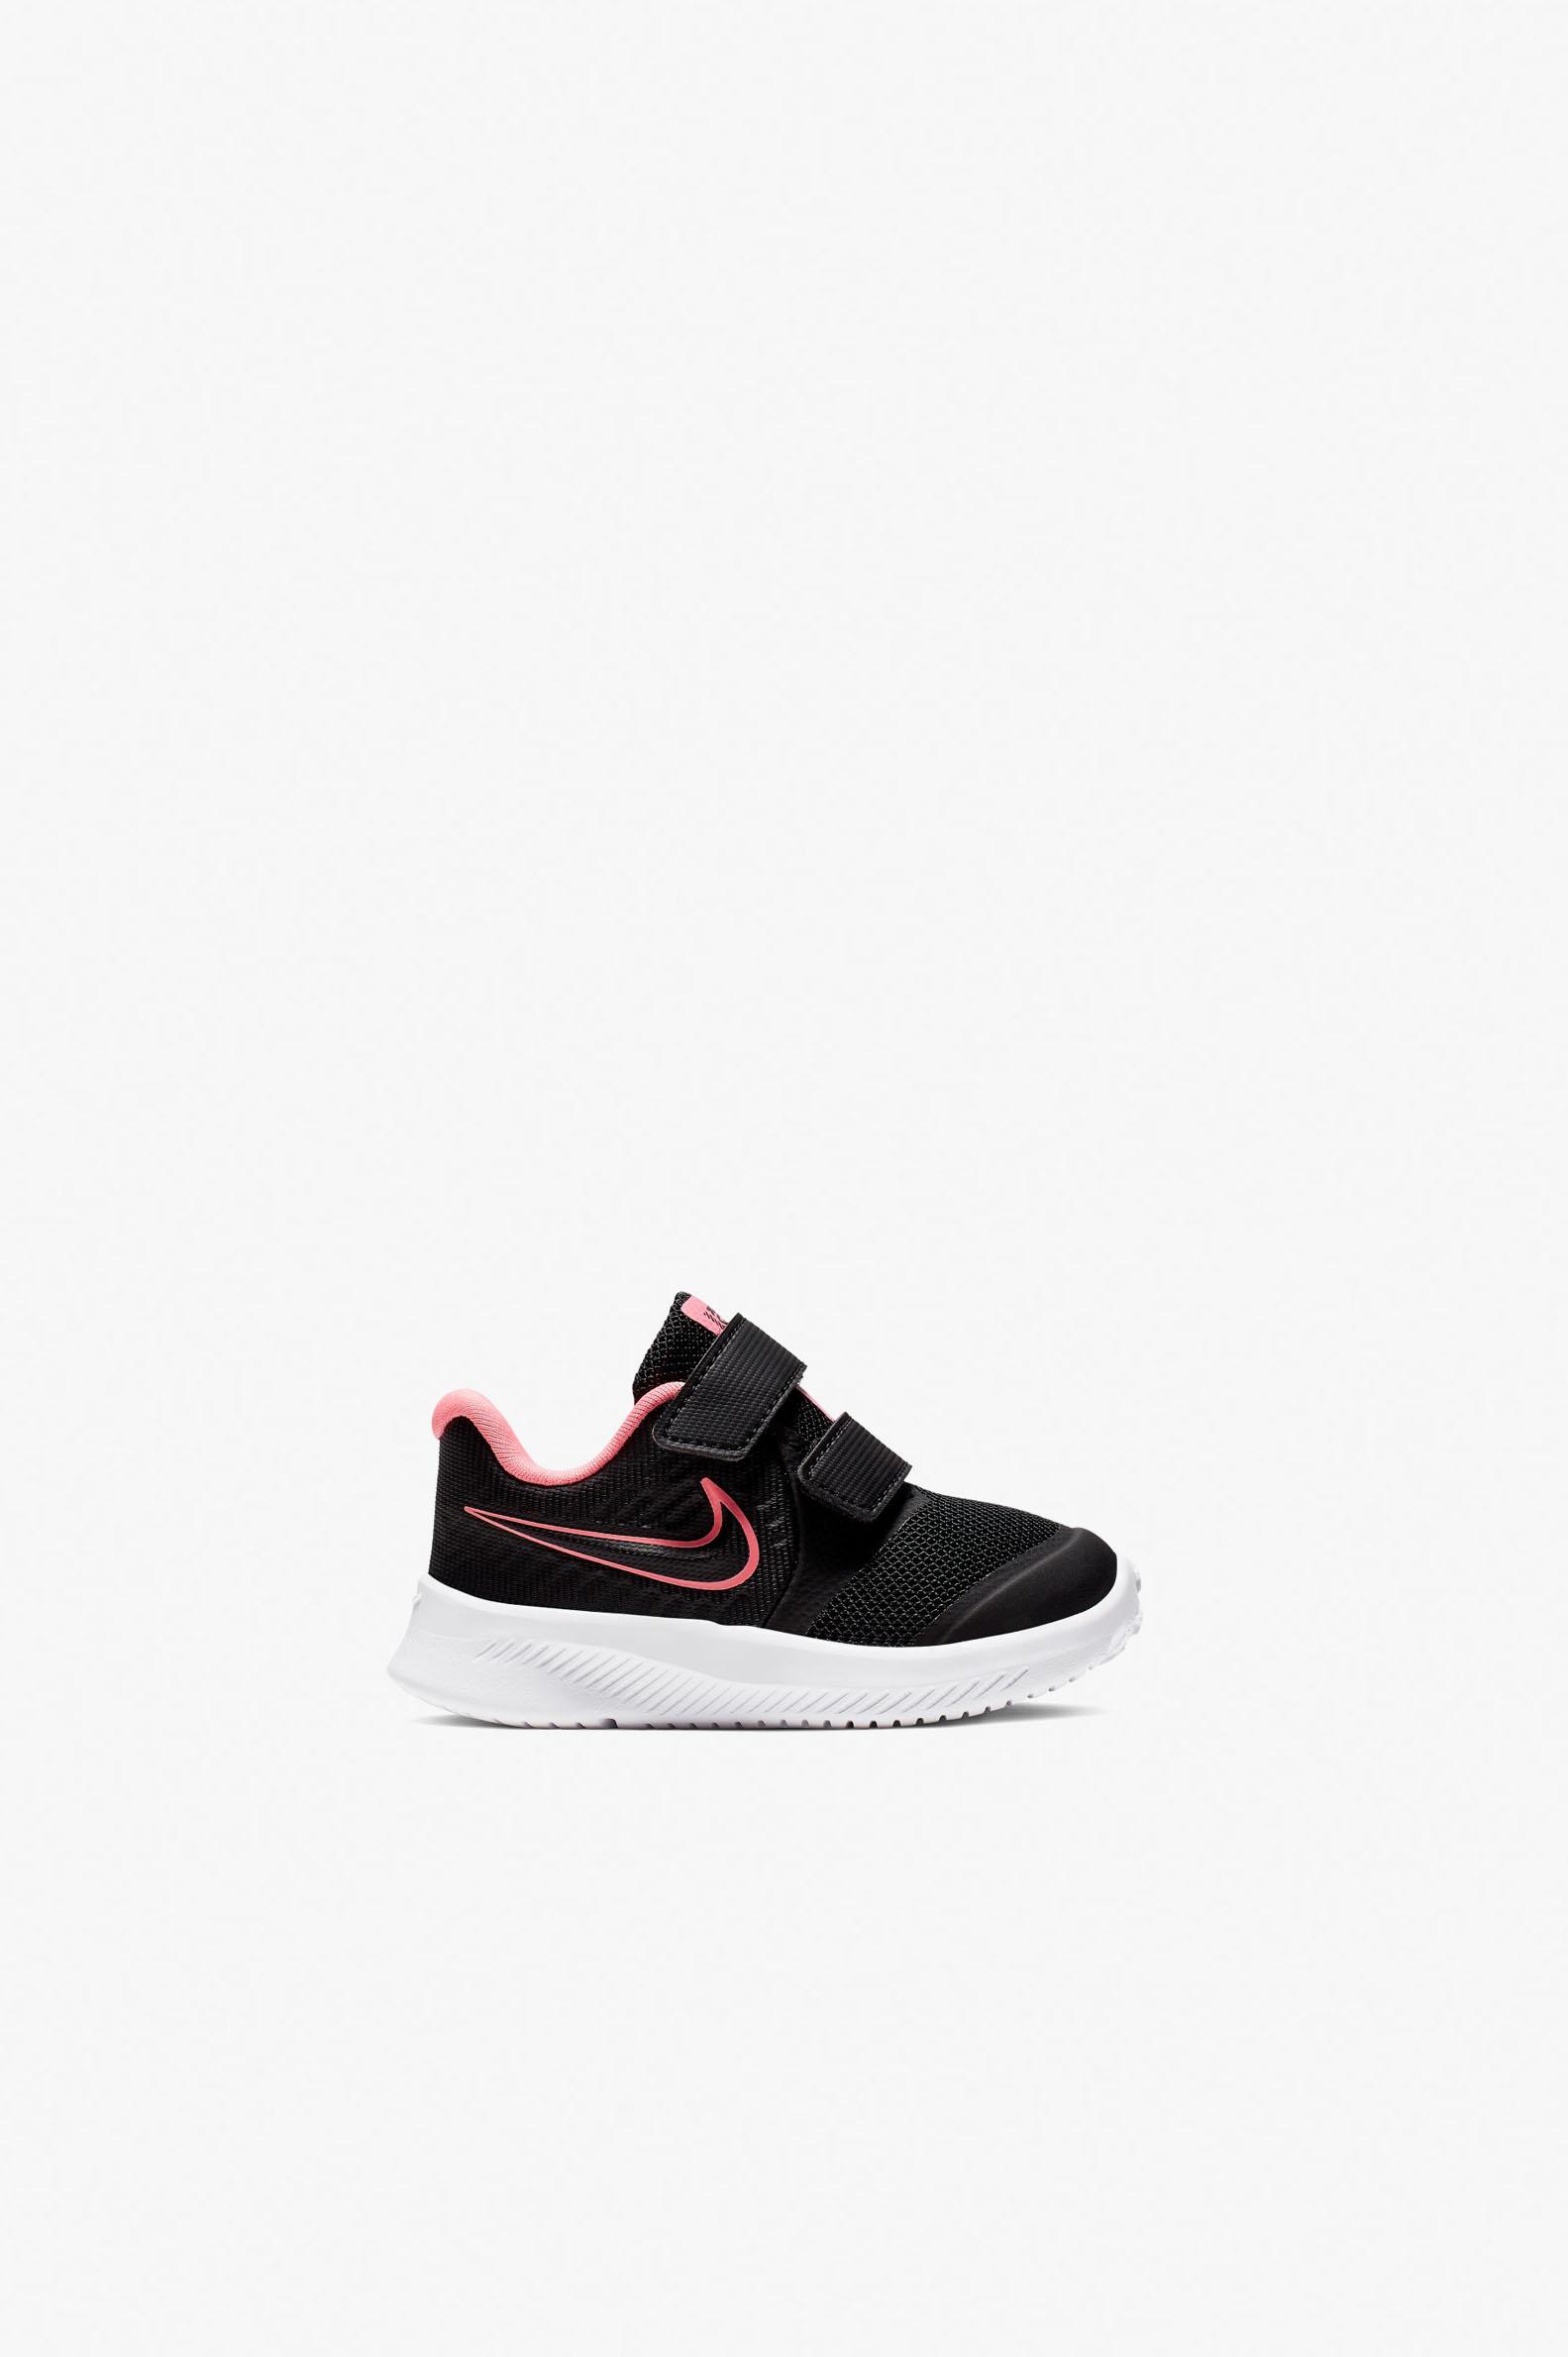 Tênis Infantil Nike Star Runner Menina